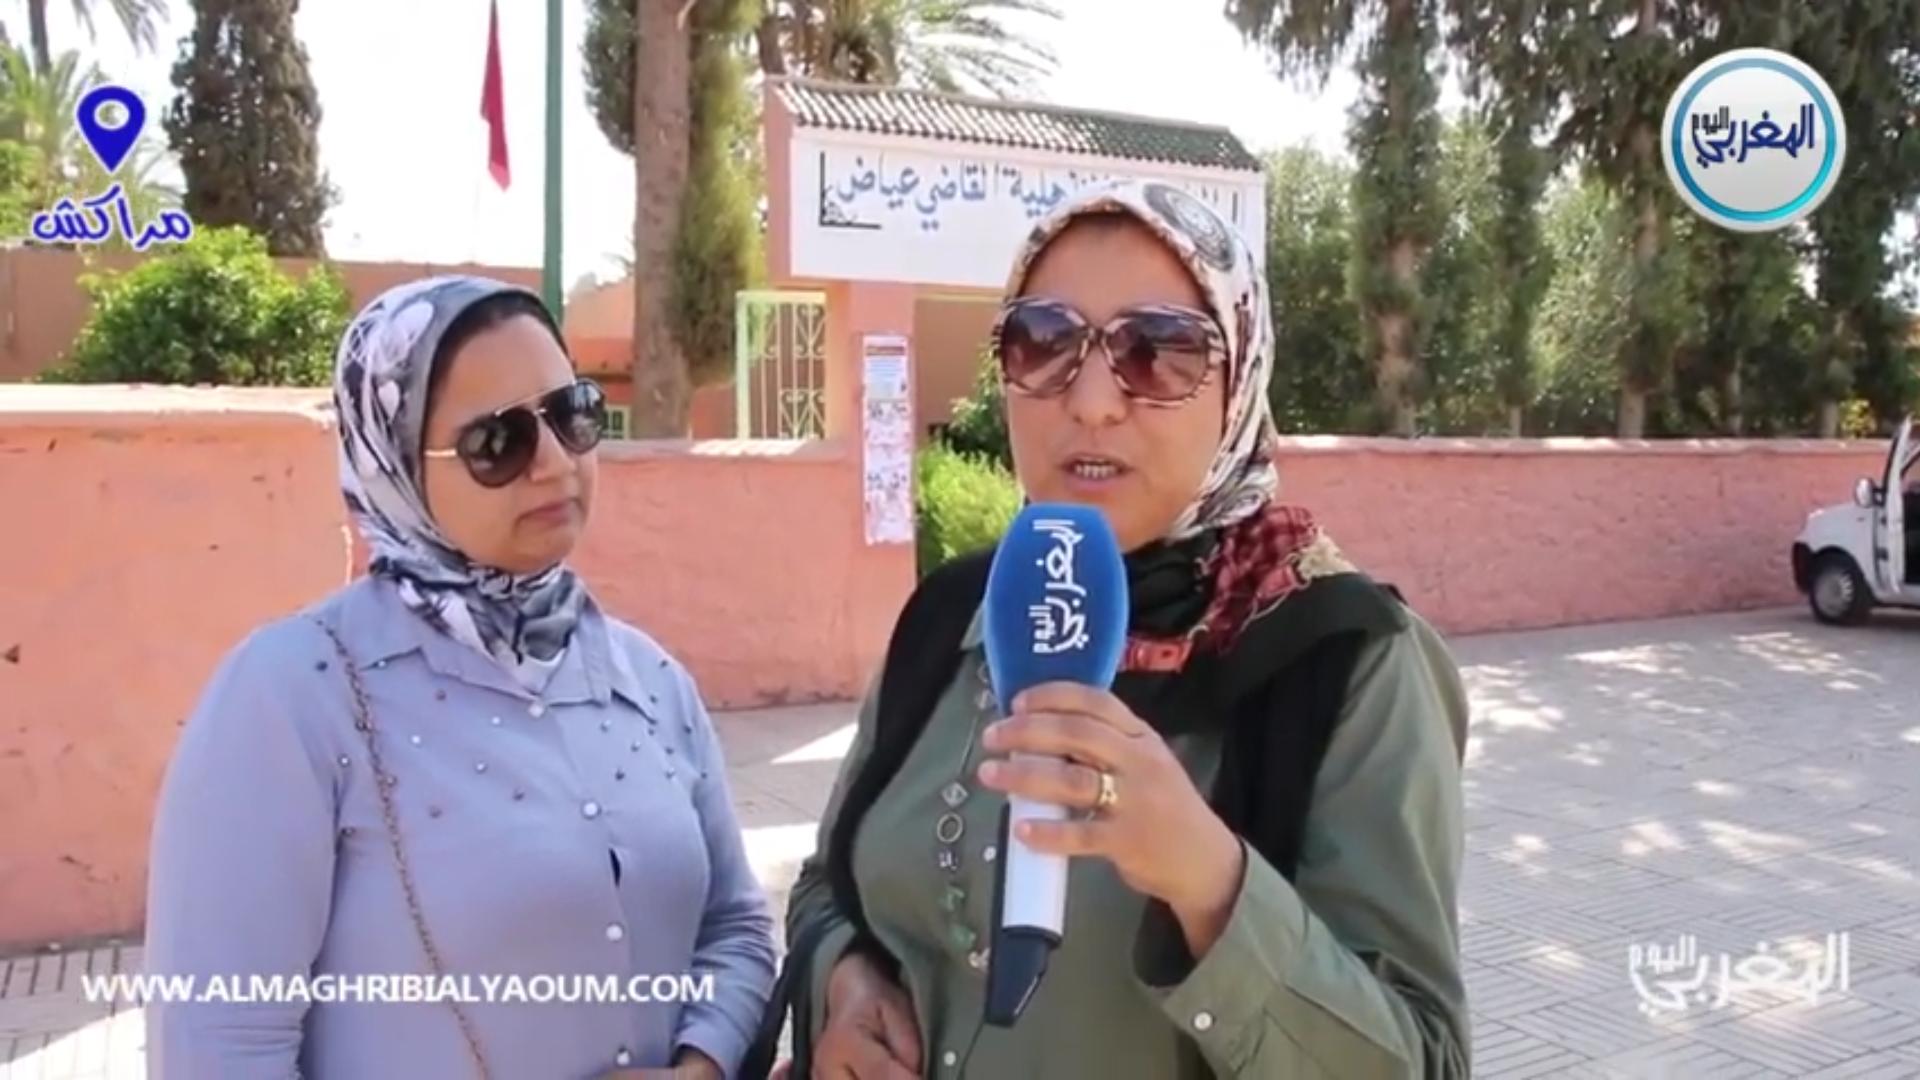 أمهات تلاميذ أشهر ثانوية بمراكش غاضبون ويهددون بالتصعيد + فيديو